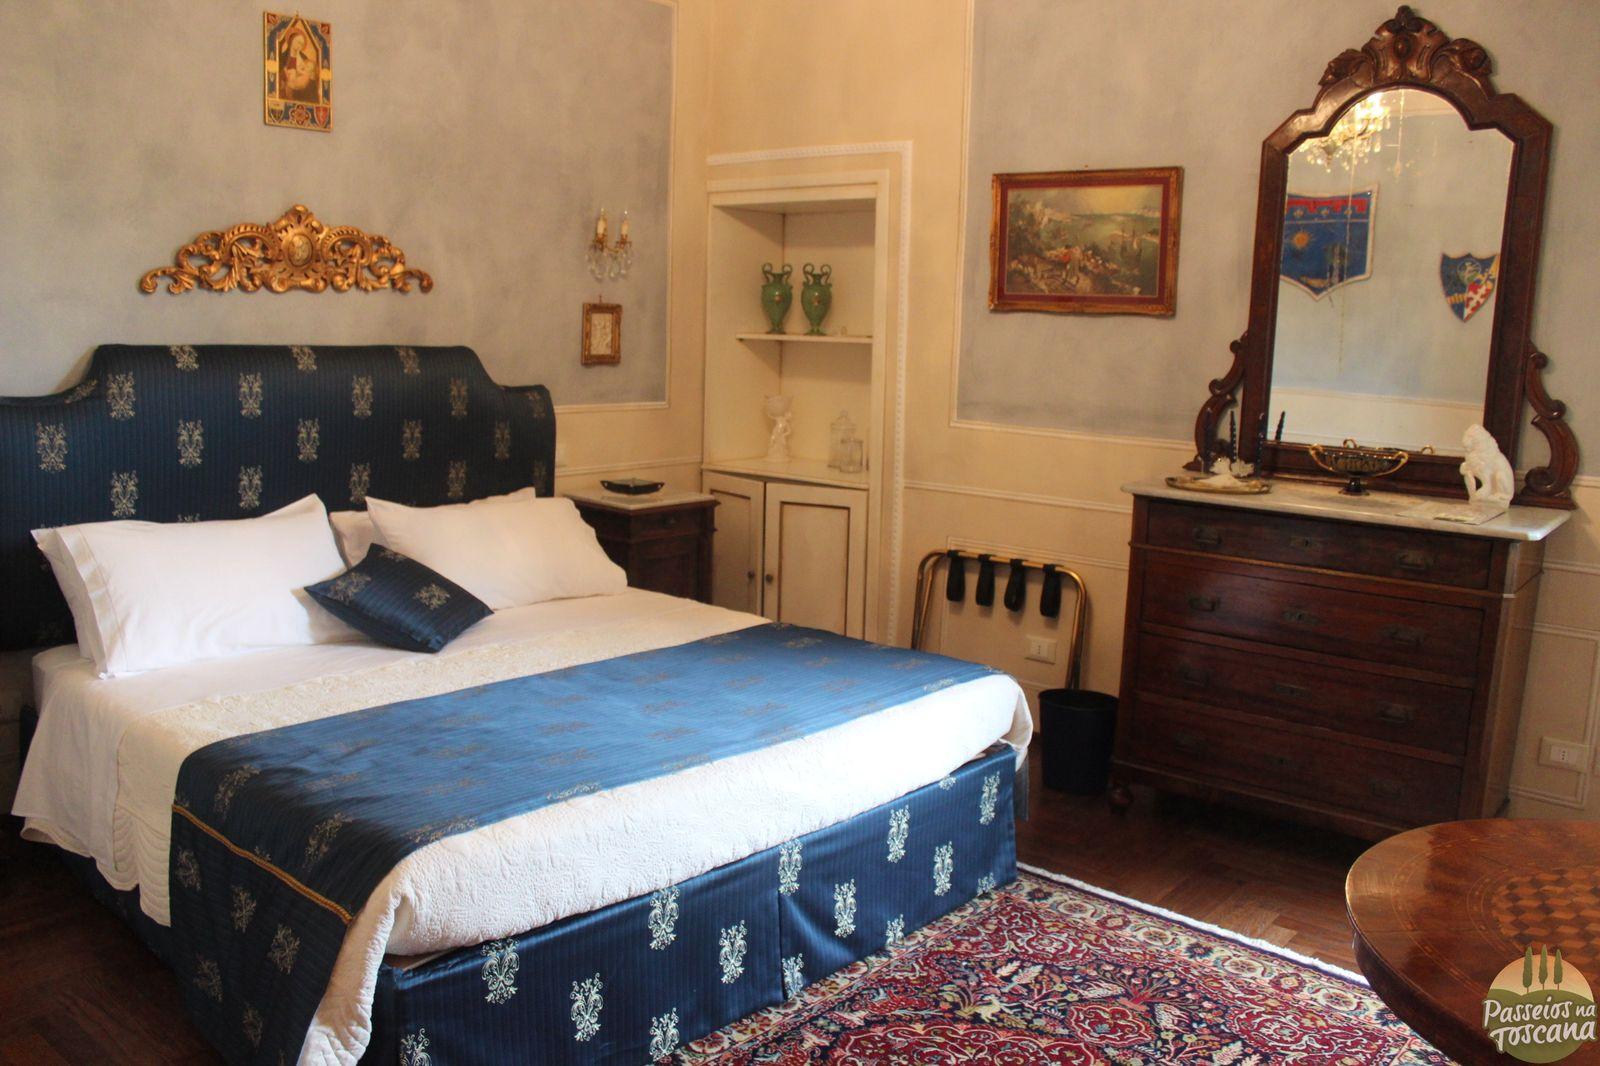 HOTEL RESIDENZA DEI RICCI - CHIUSI_33